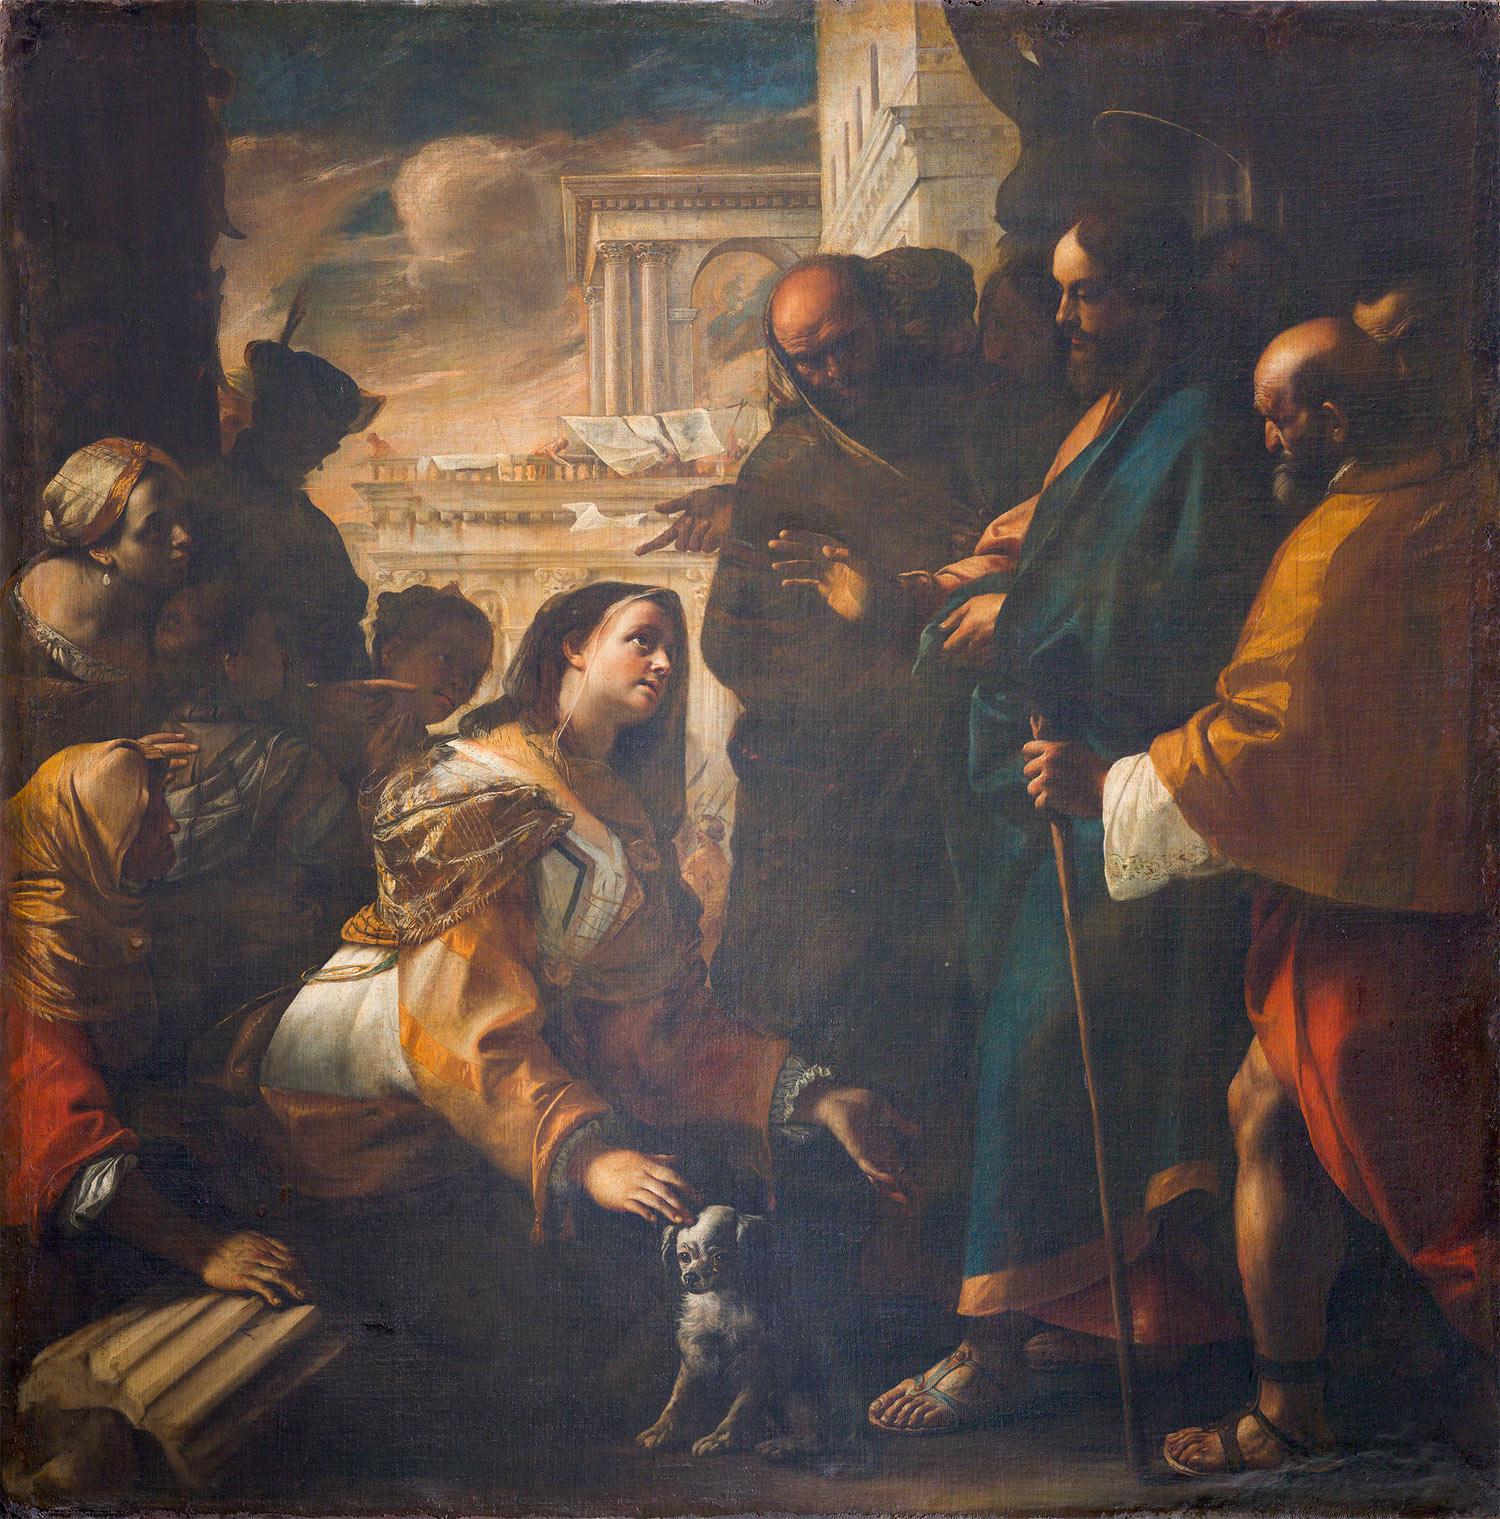 Mattia Preti, Cristo e la cananea (1646-1647 circa; olio su tela, 240 x 235 cm; Collezione privata)